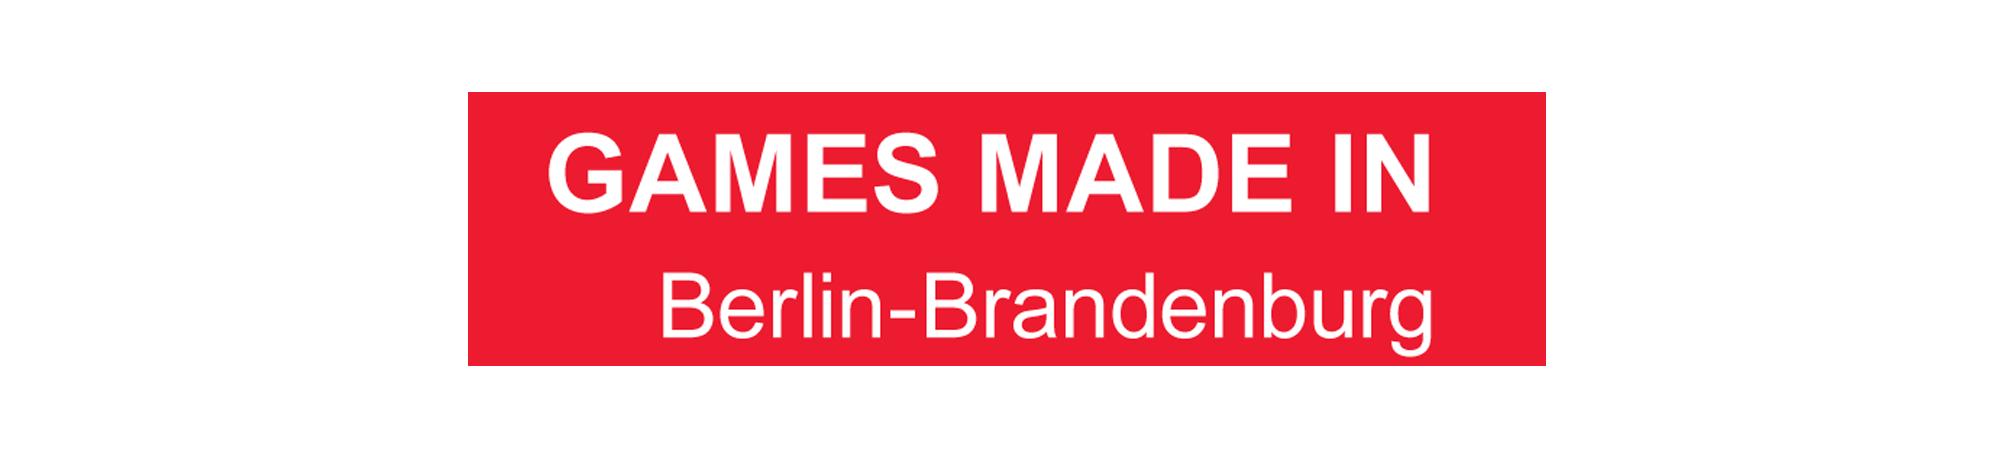 gamesmadein